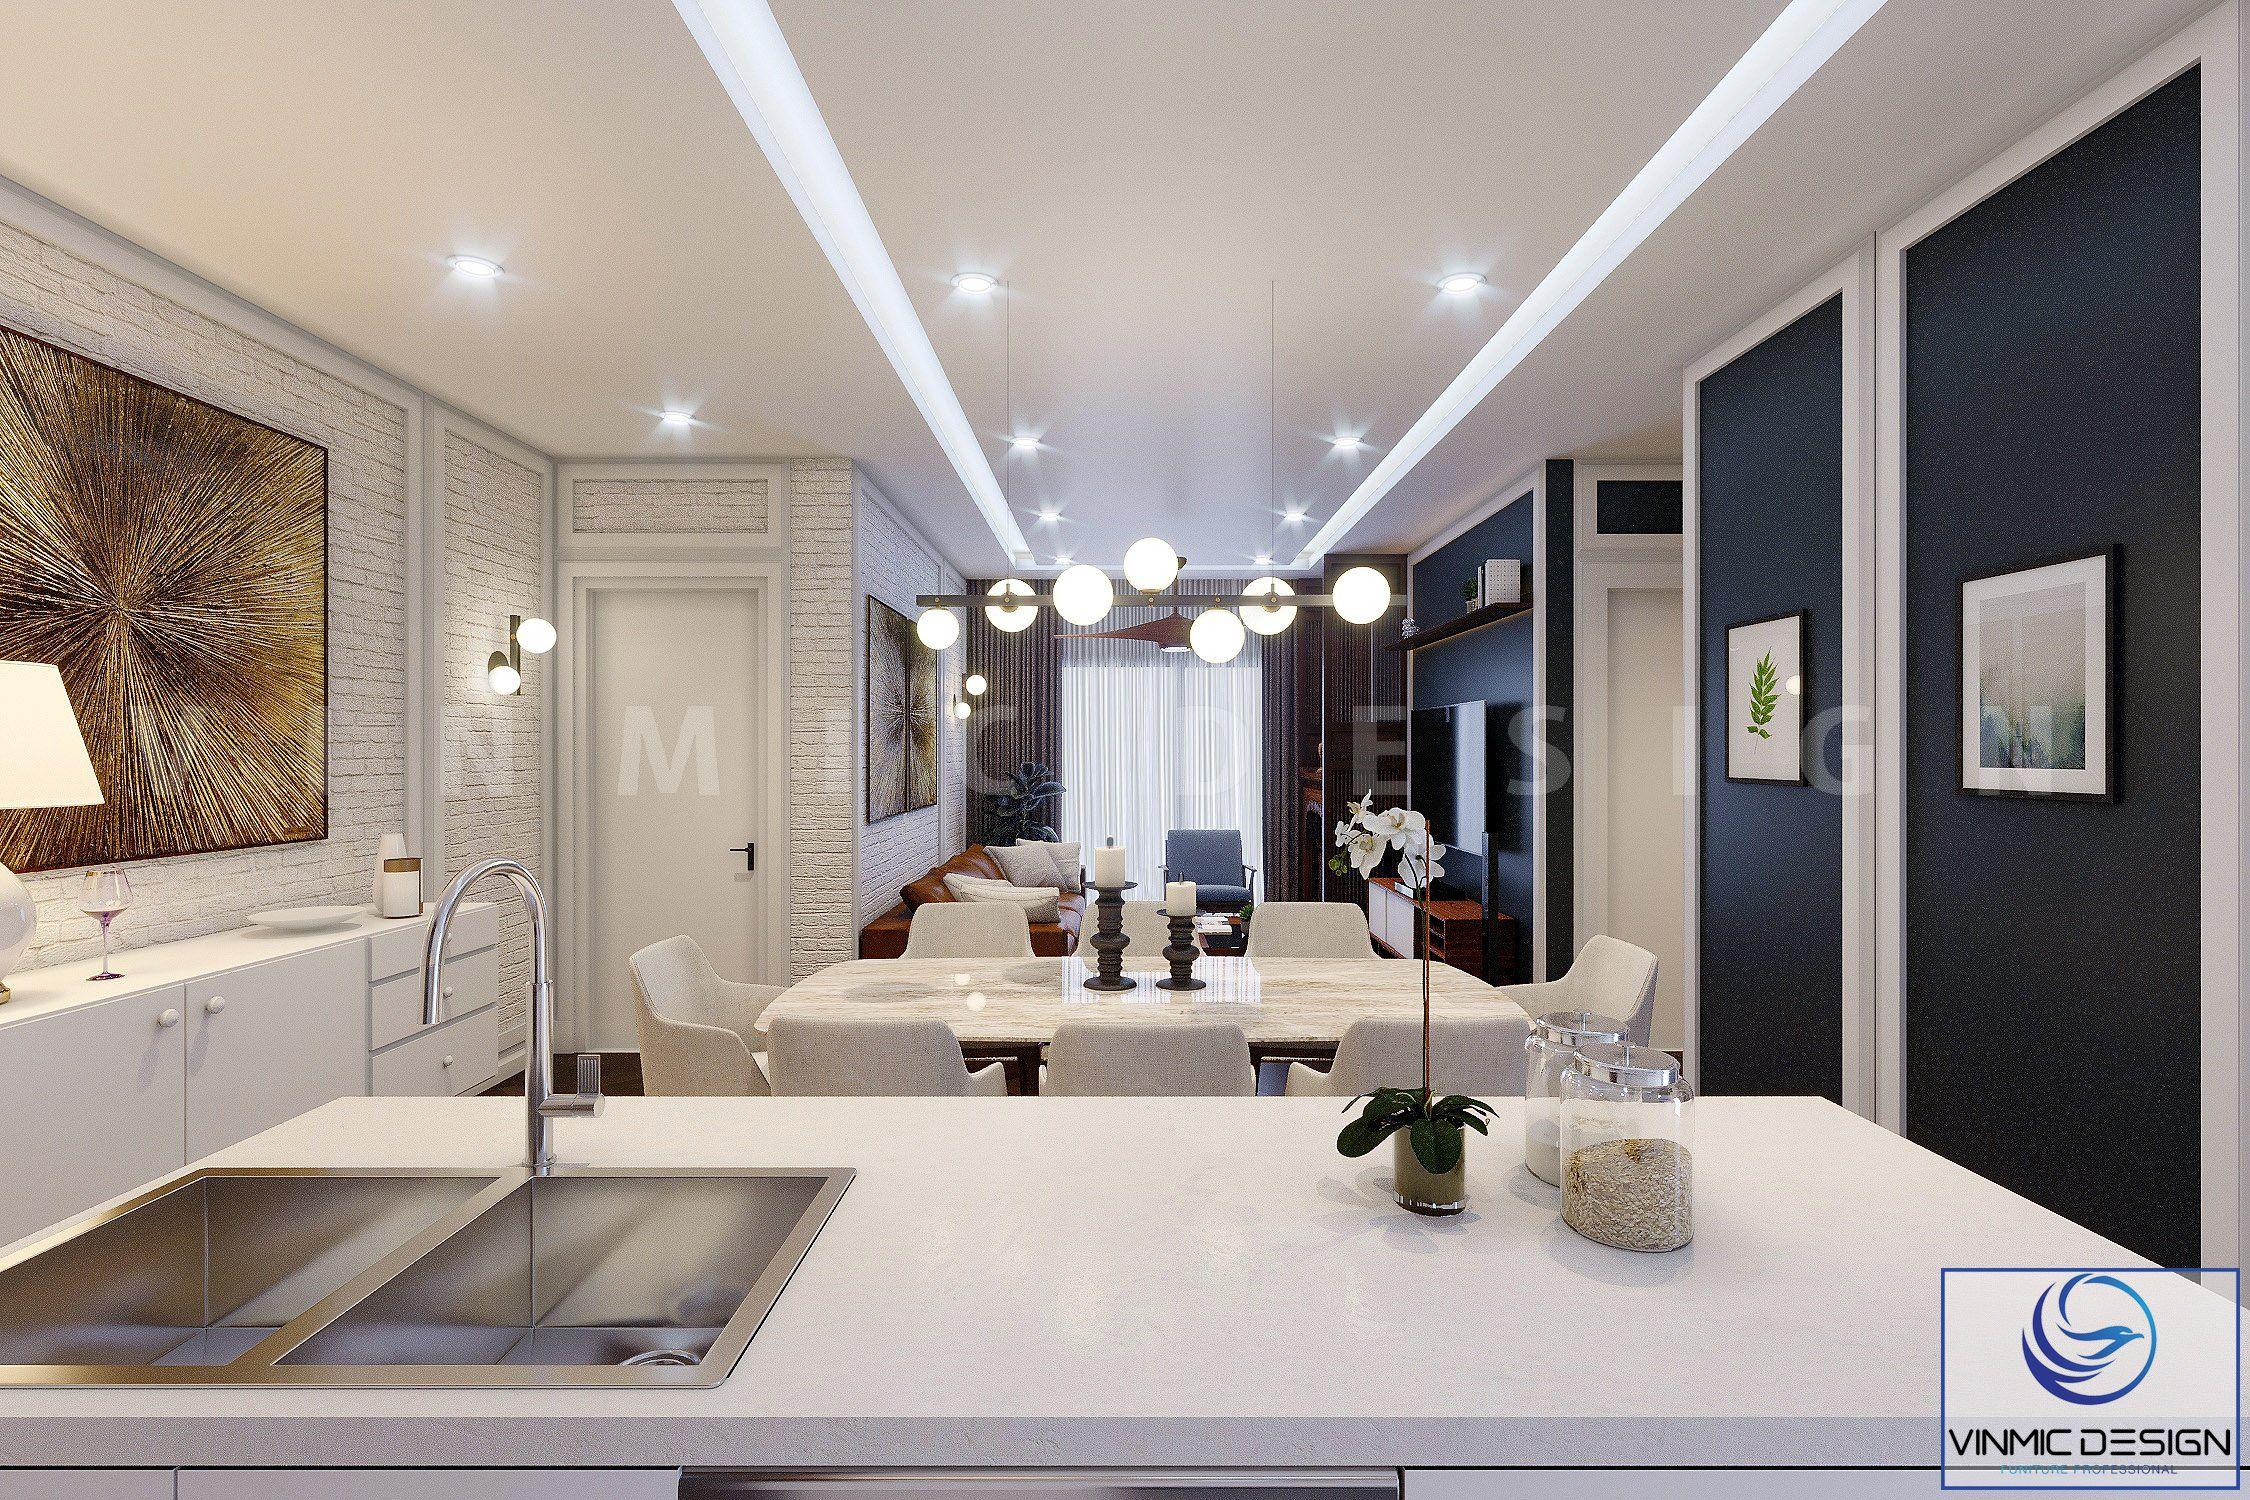 Tông màu sáng làm cho căn hộ trở nên rộng rãi và thoáng mát